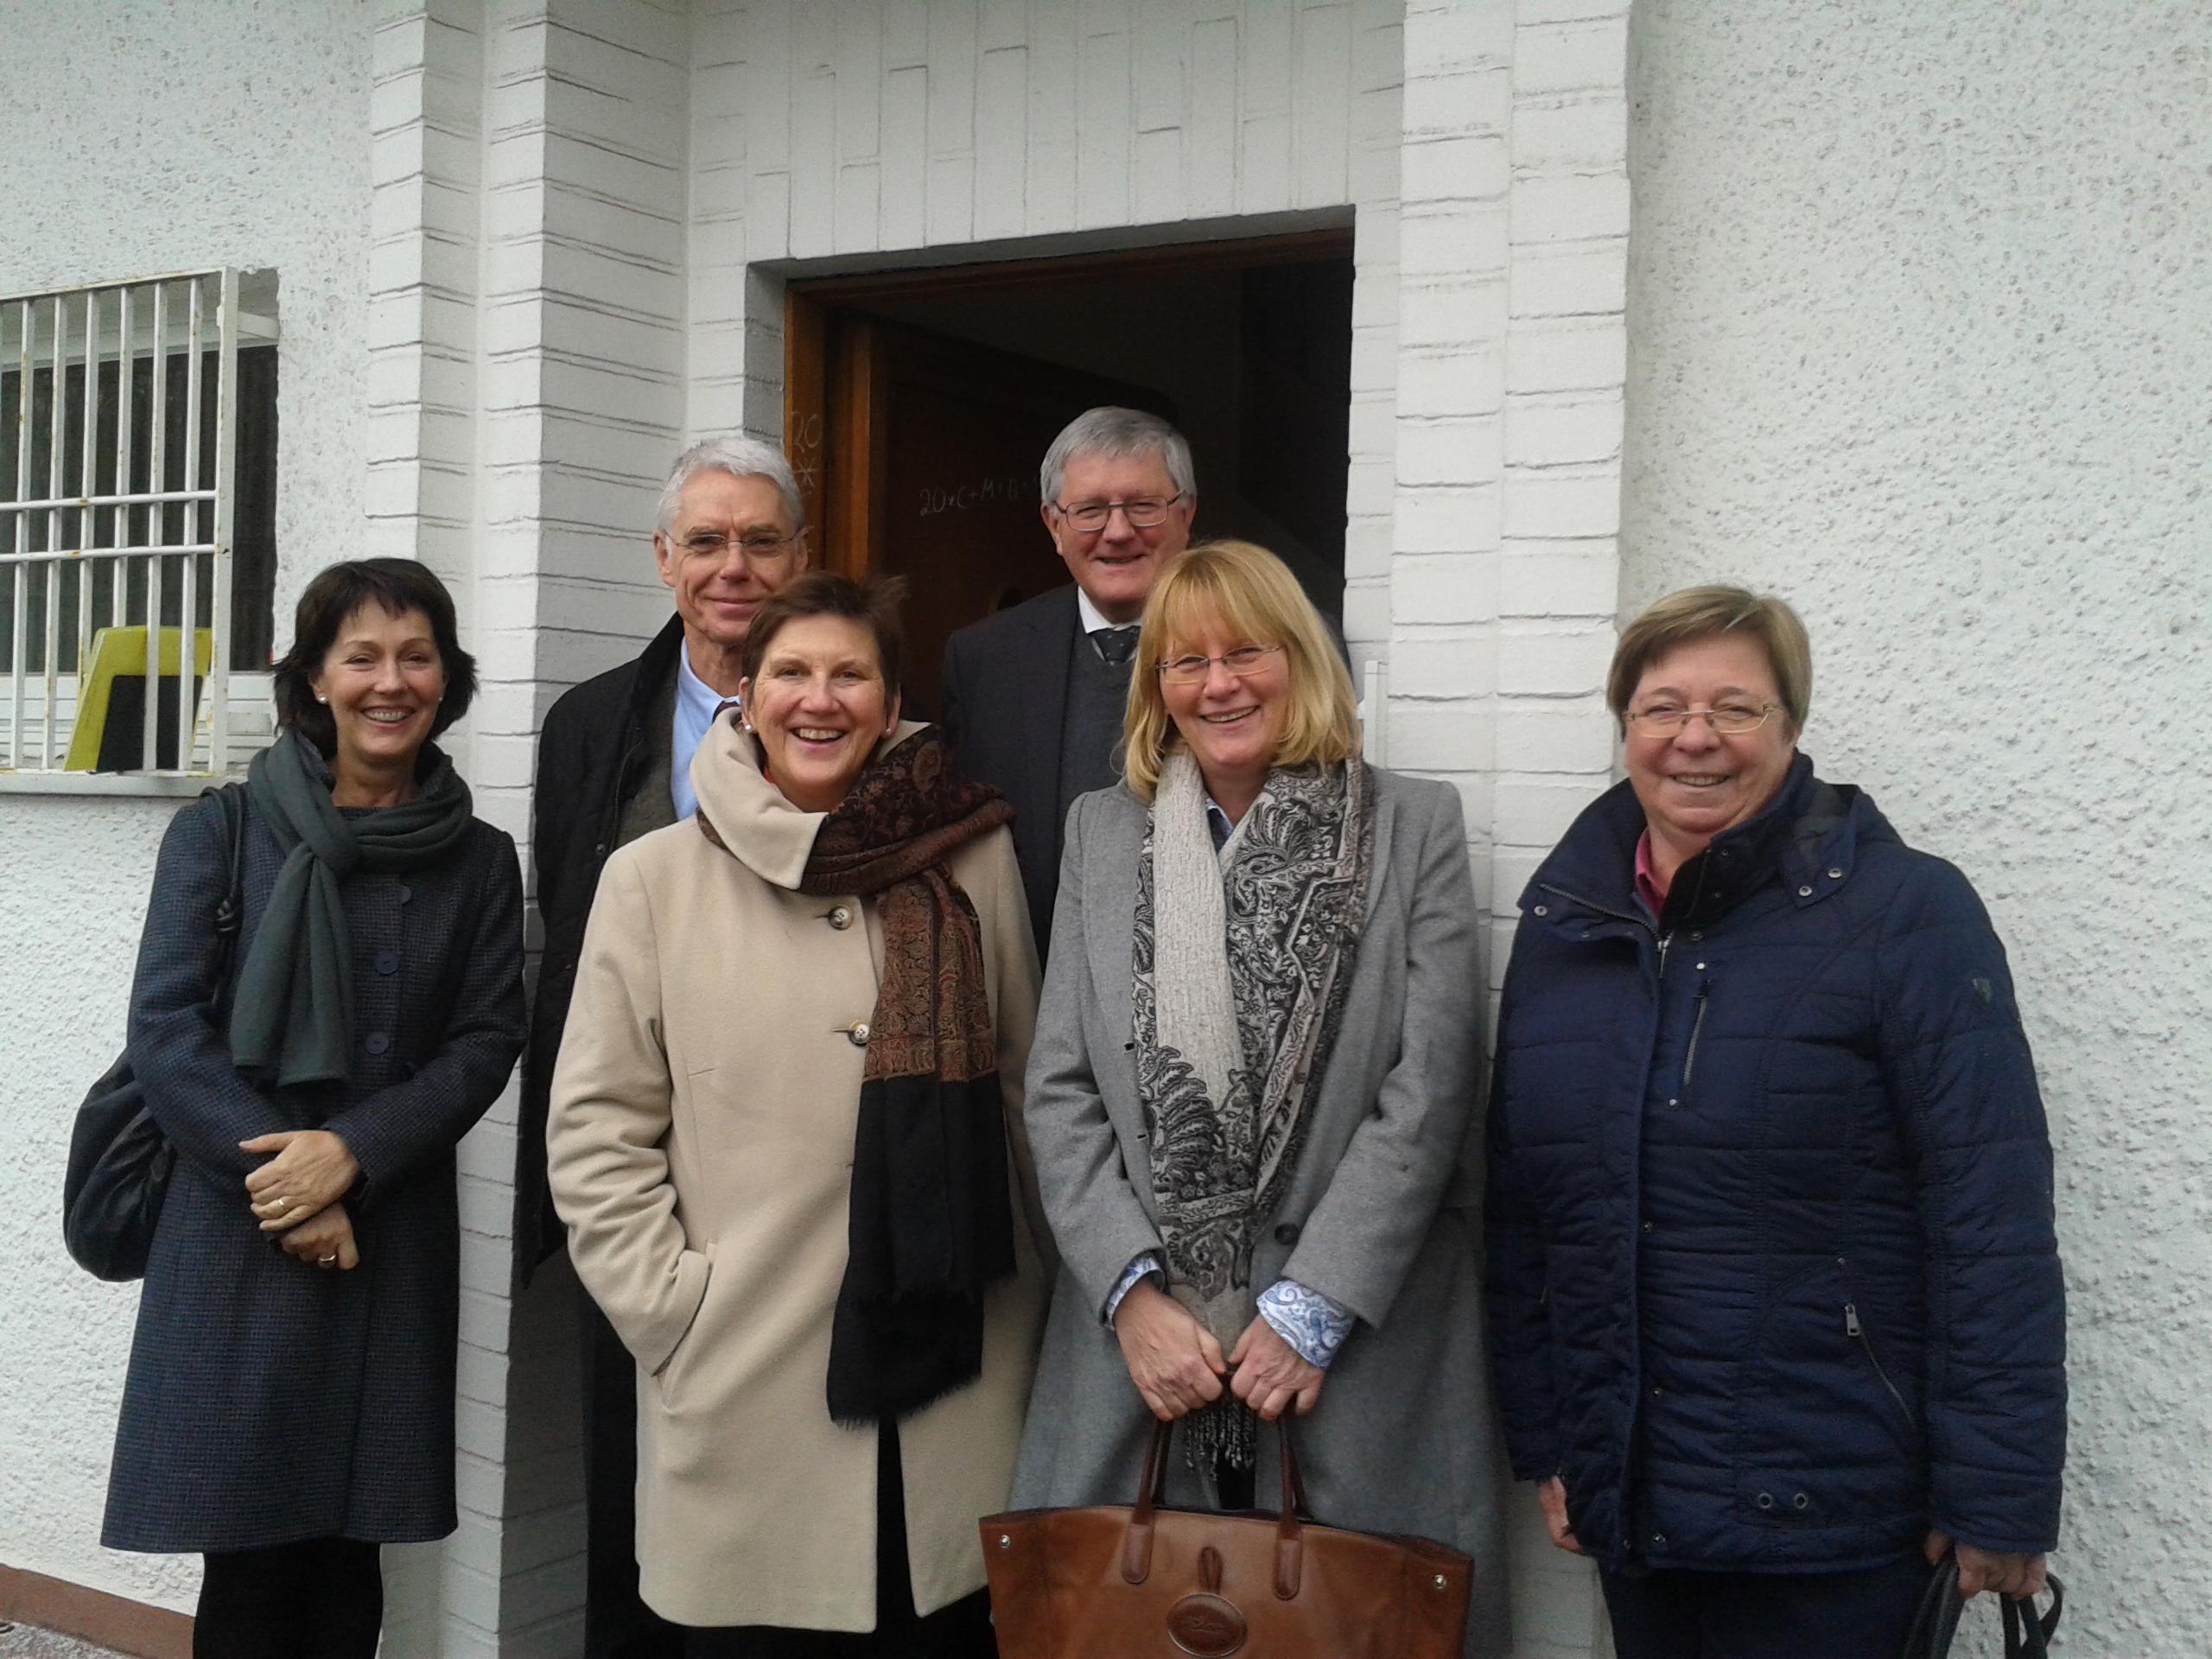 Monika Zurnieden, Michael Mager, Dr. Claudia Lücking-Michel, P. Josef Grünner, Karin Kortmann und Dr. Susanne Nonnen (v.l.n.r.) verstärken das Kuratorium von Don Bosco Mondo (Es fehlt: Peter Meiwald).